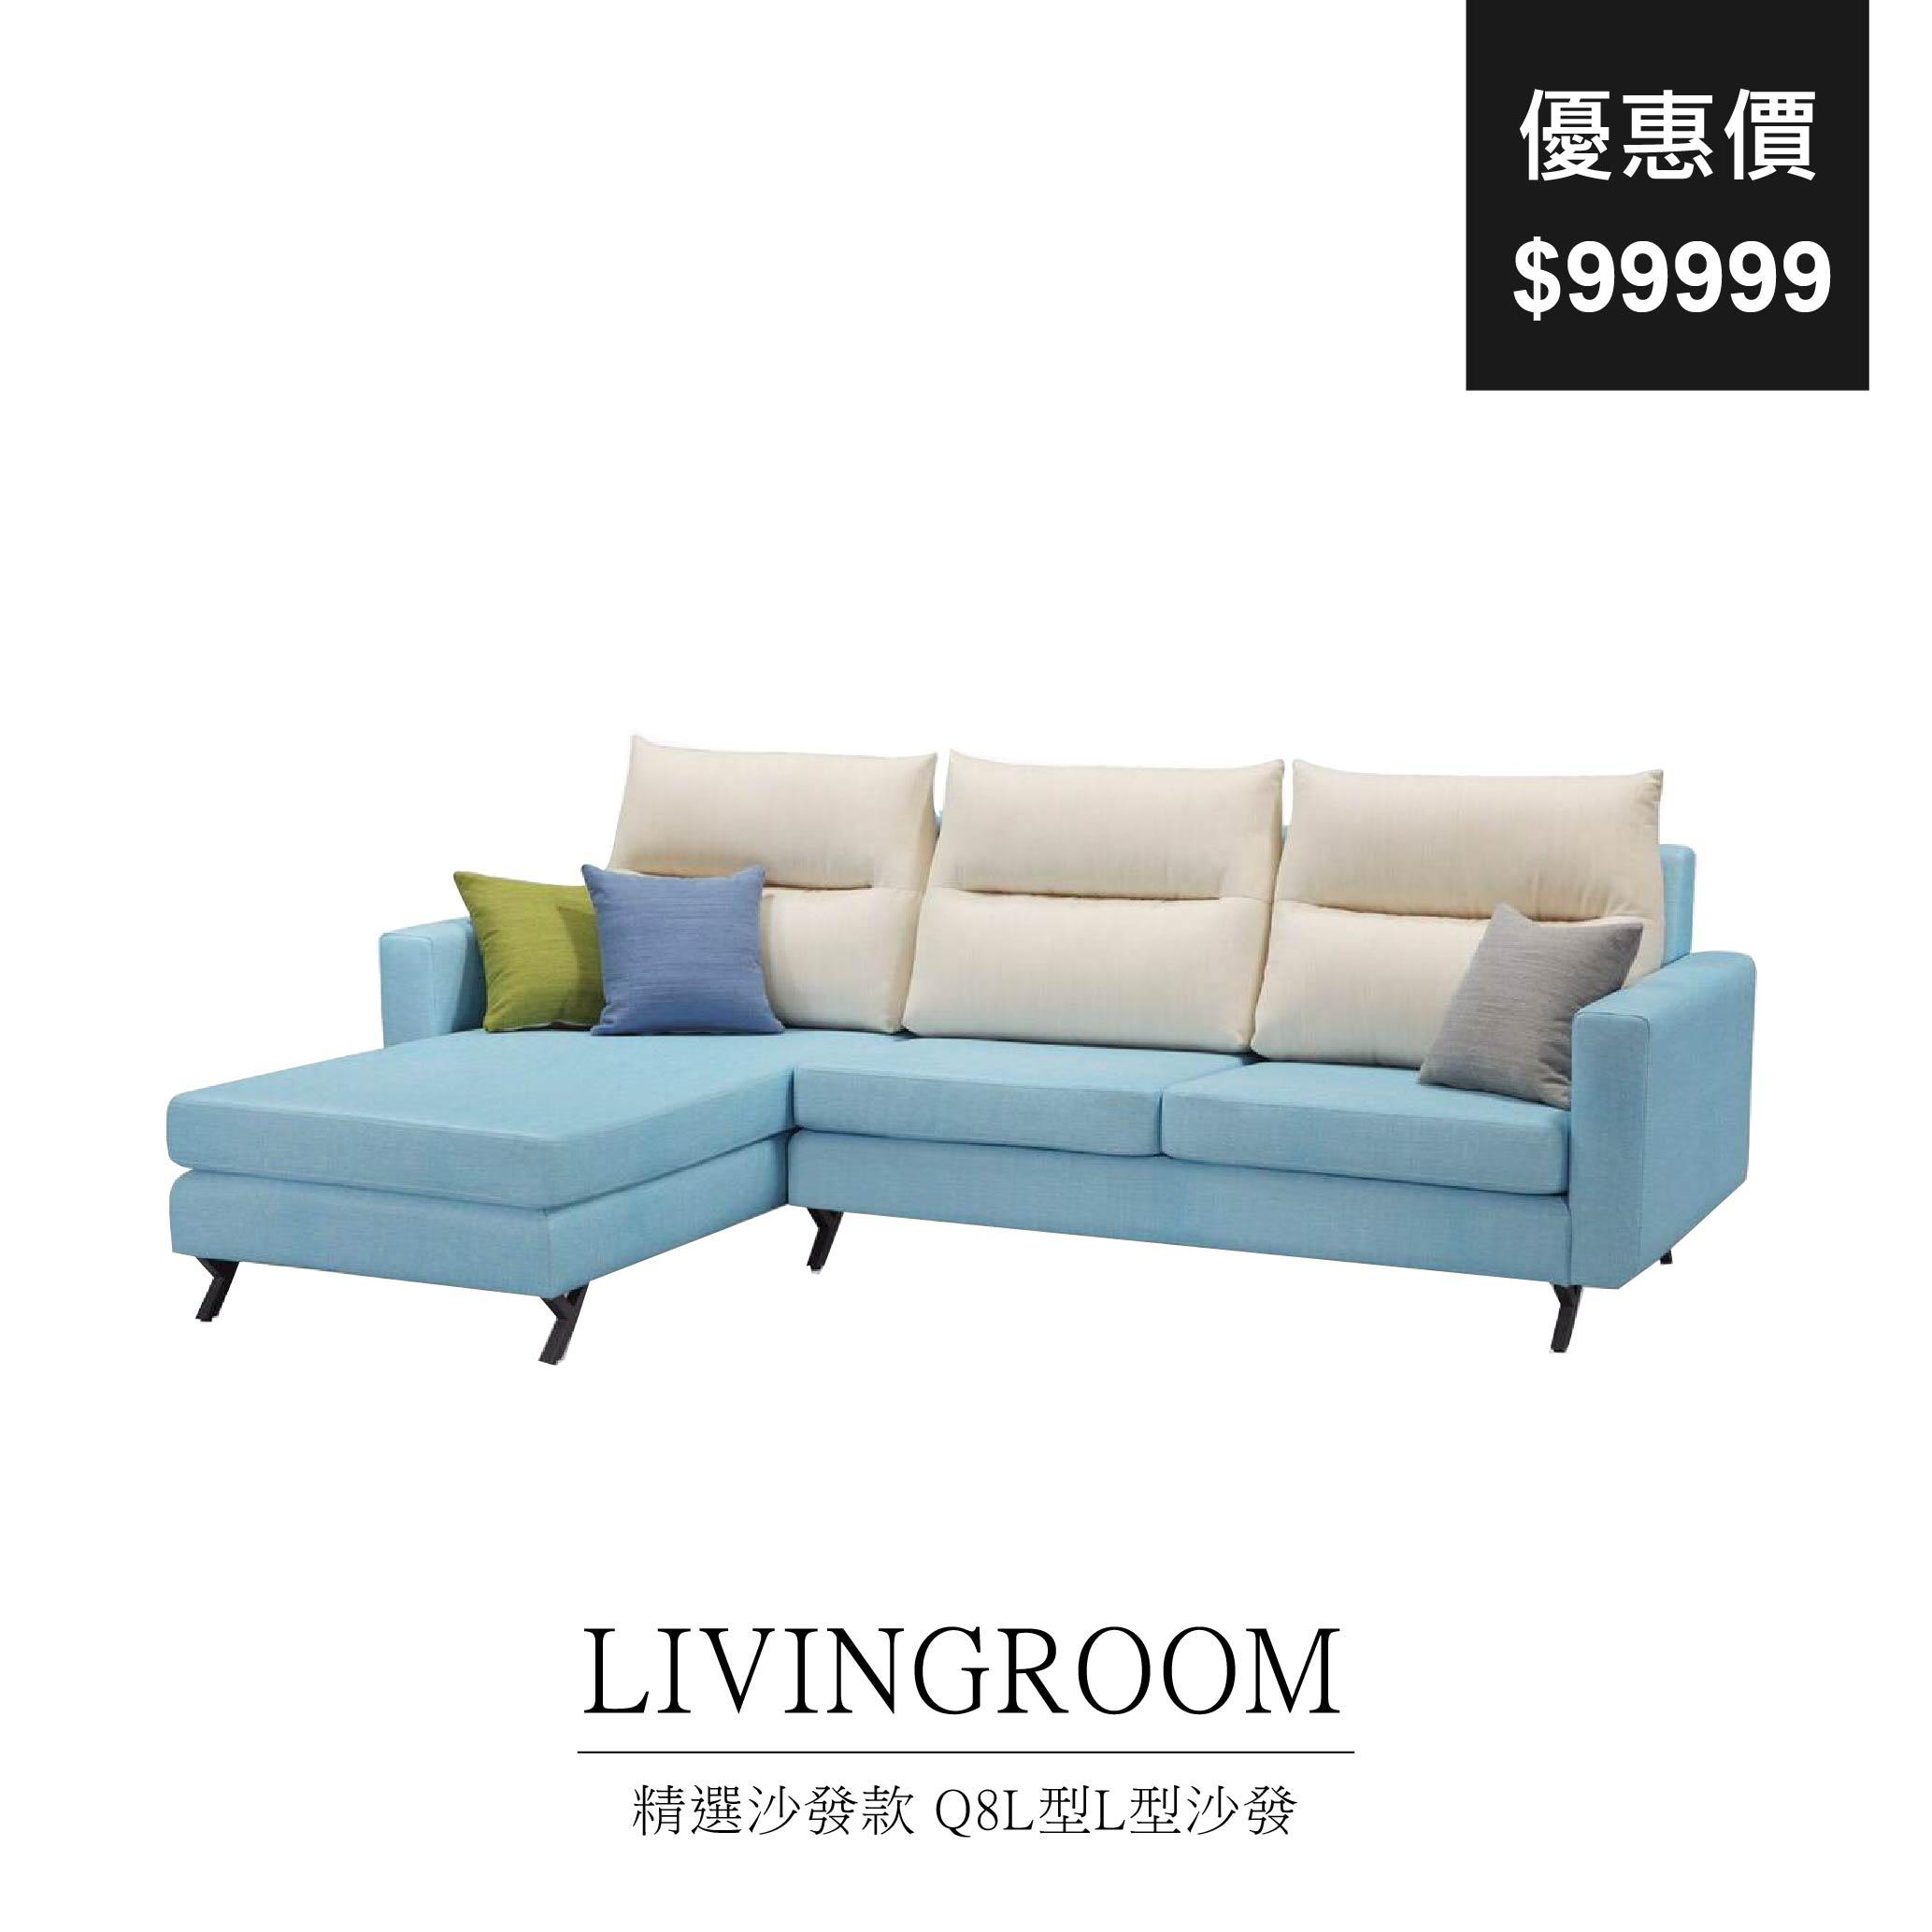 精選沙發款 Q8L型L型沙發